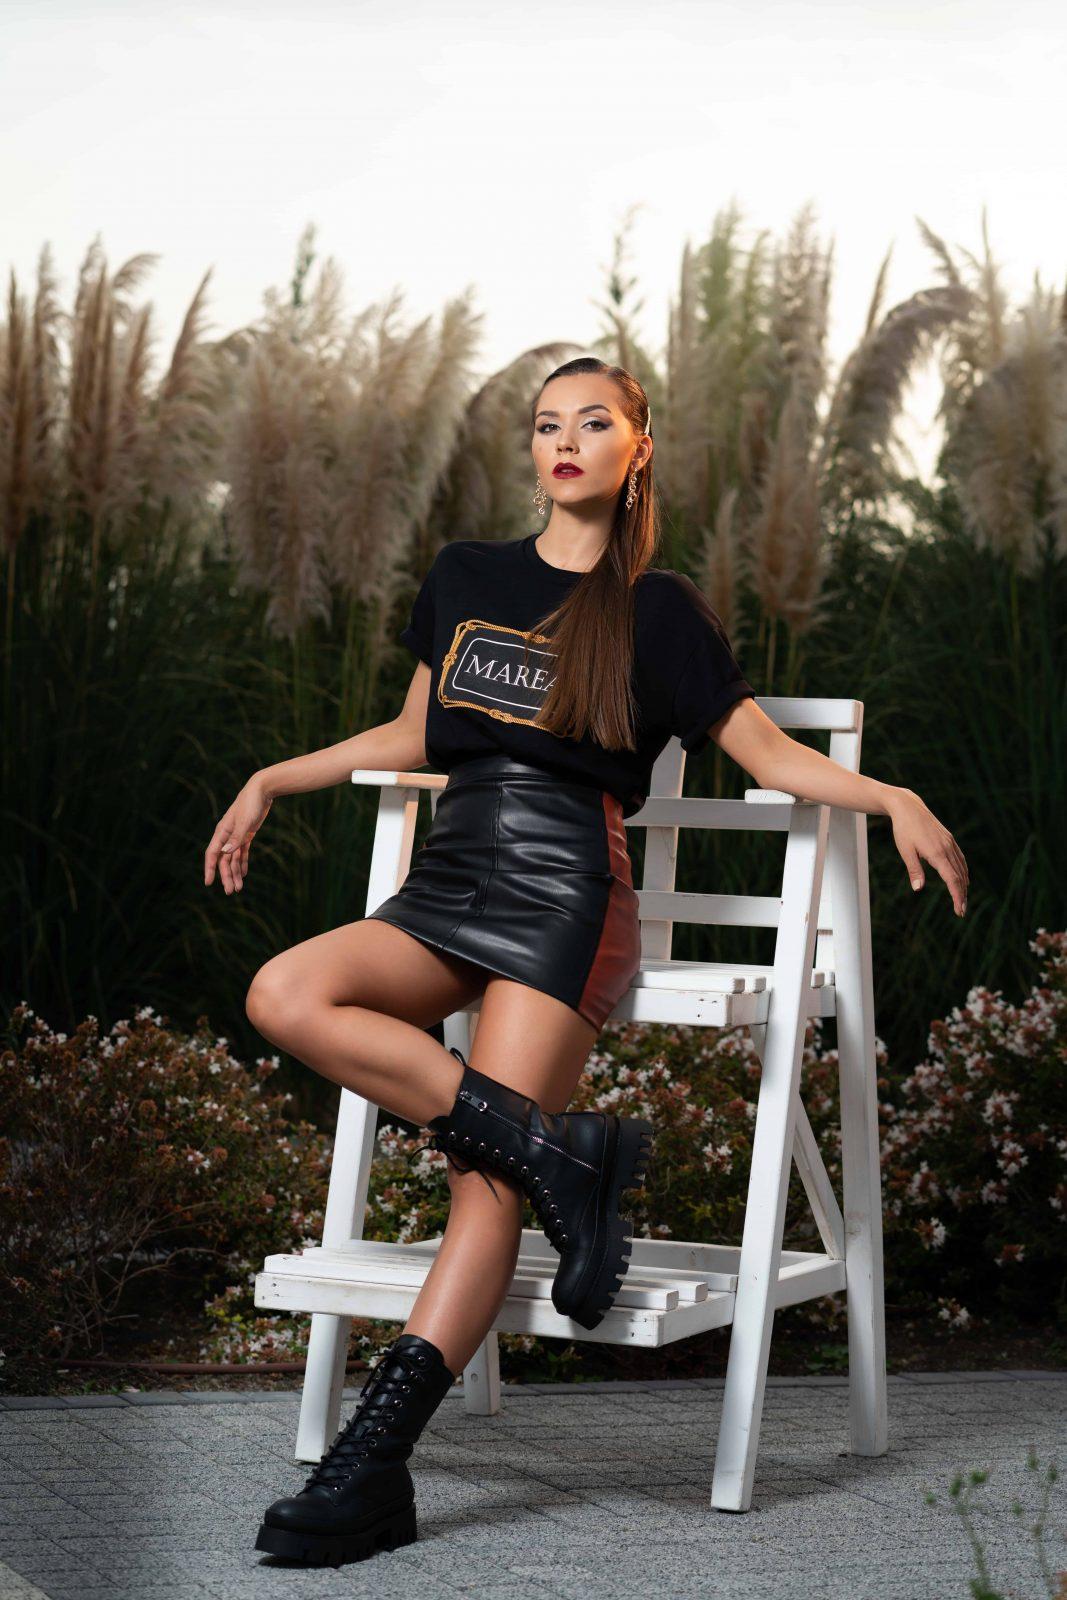 Черна, ултра-модерна тениска и черна къса пола над коляното